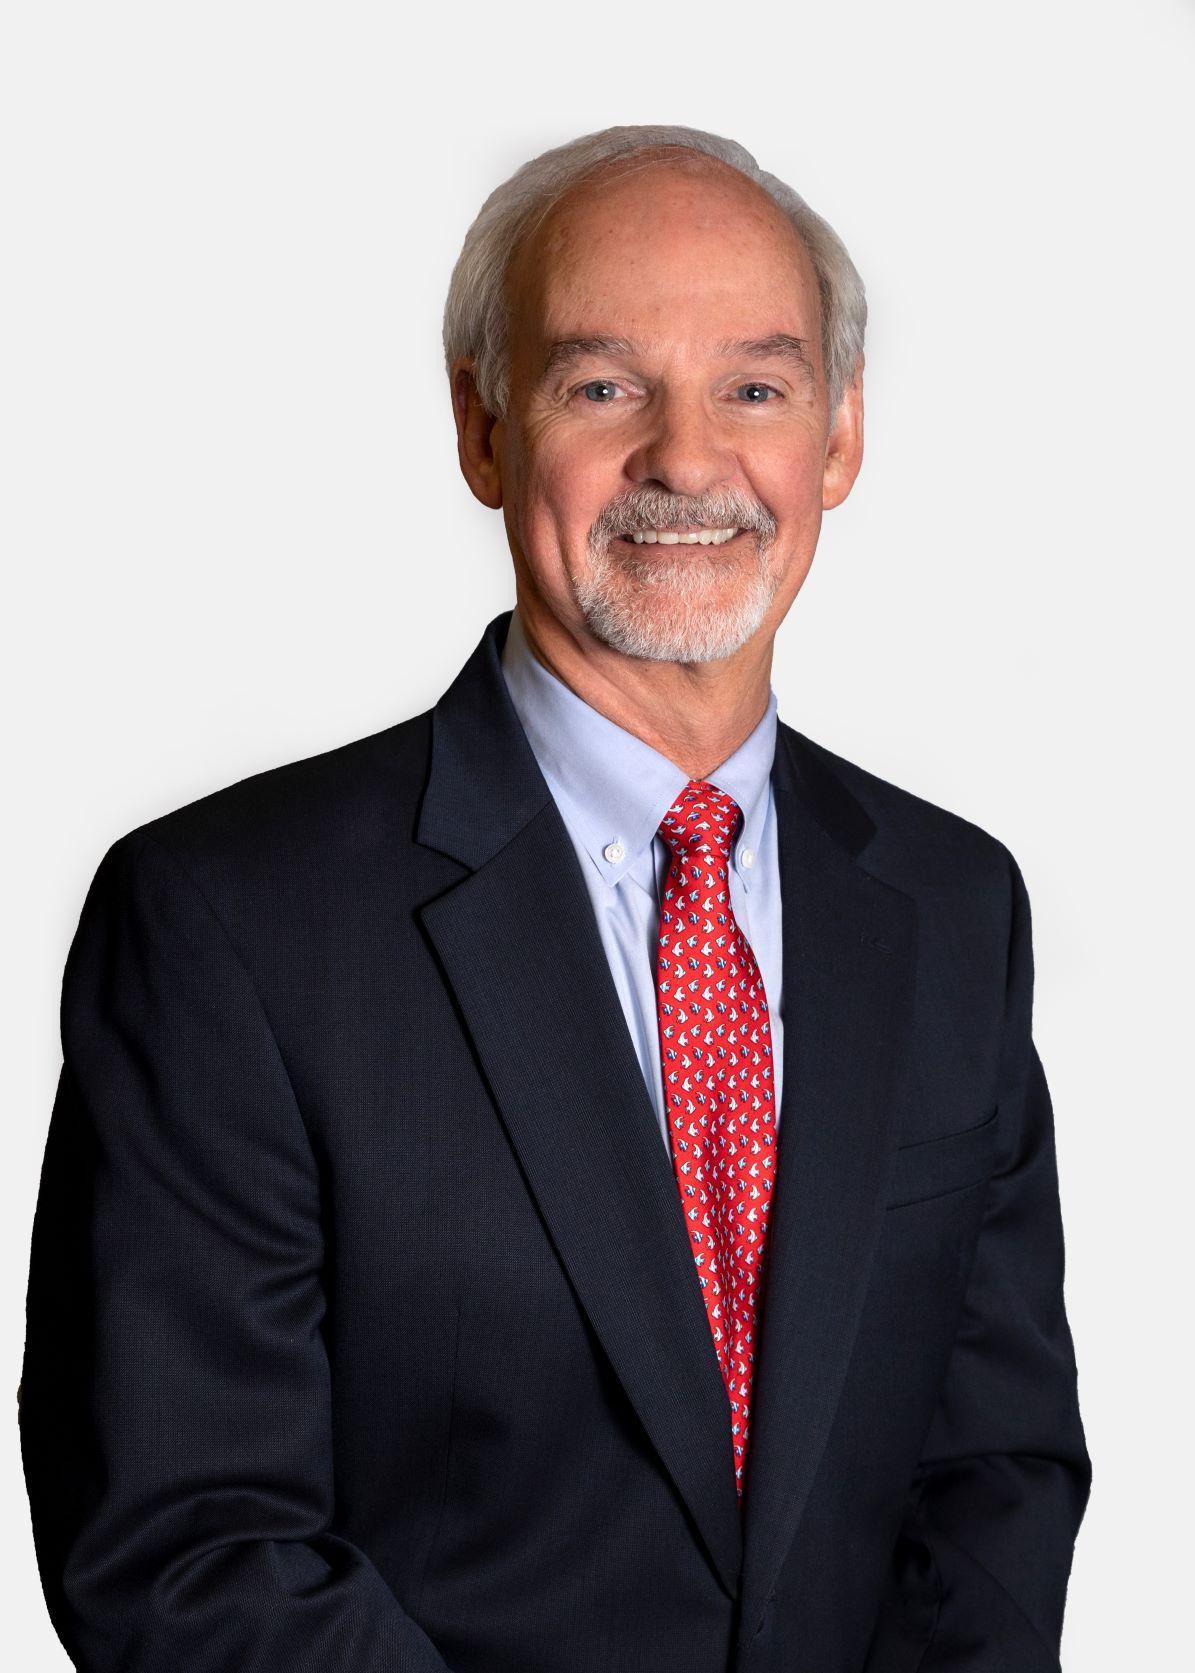 Timothy J. McDermott, Partner in Major Florida Law Firm ...